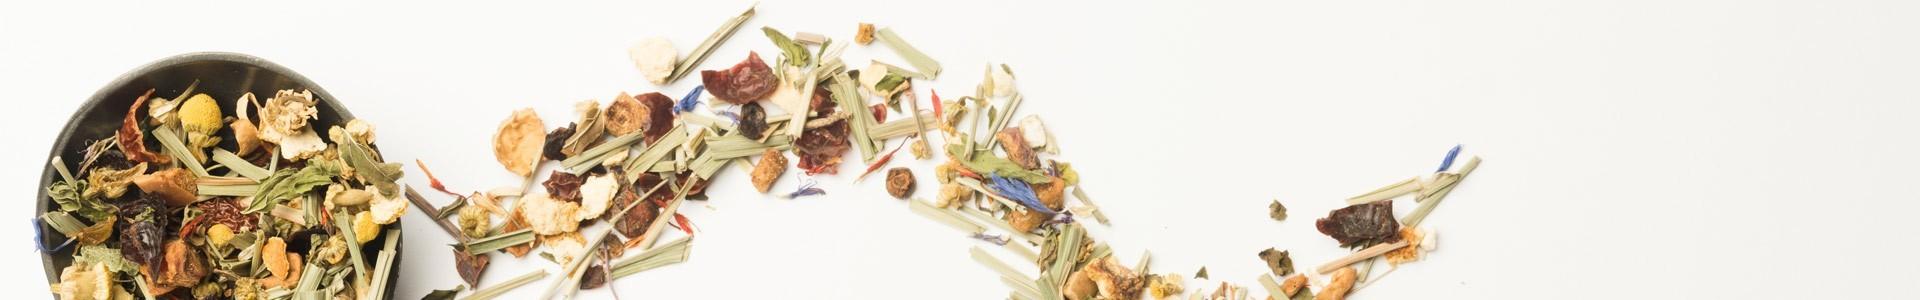 Hochwertige Inhaltsstoffe bei Les Sens de Marrakech